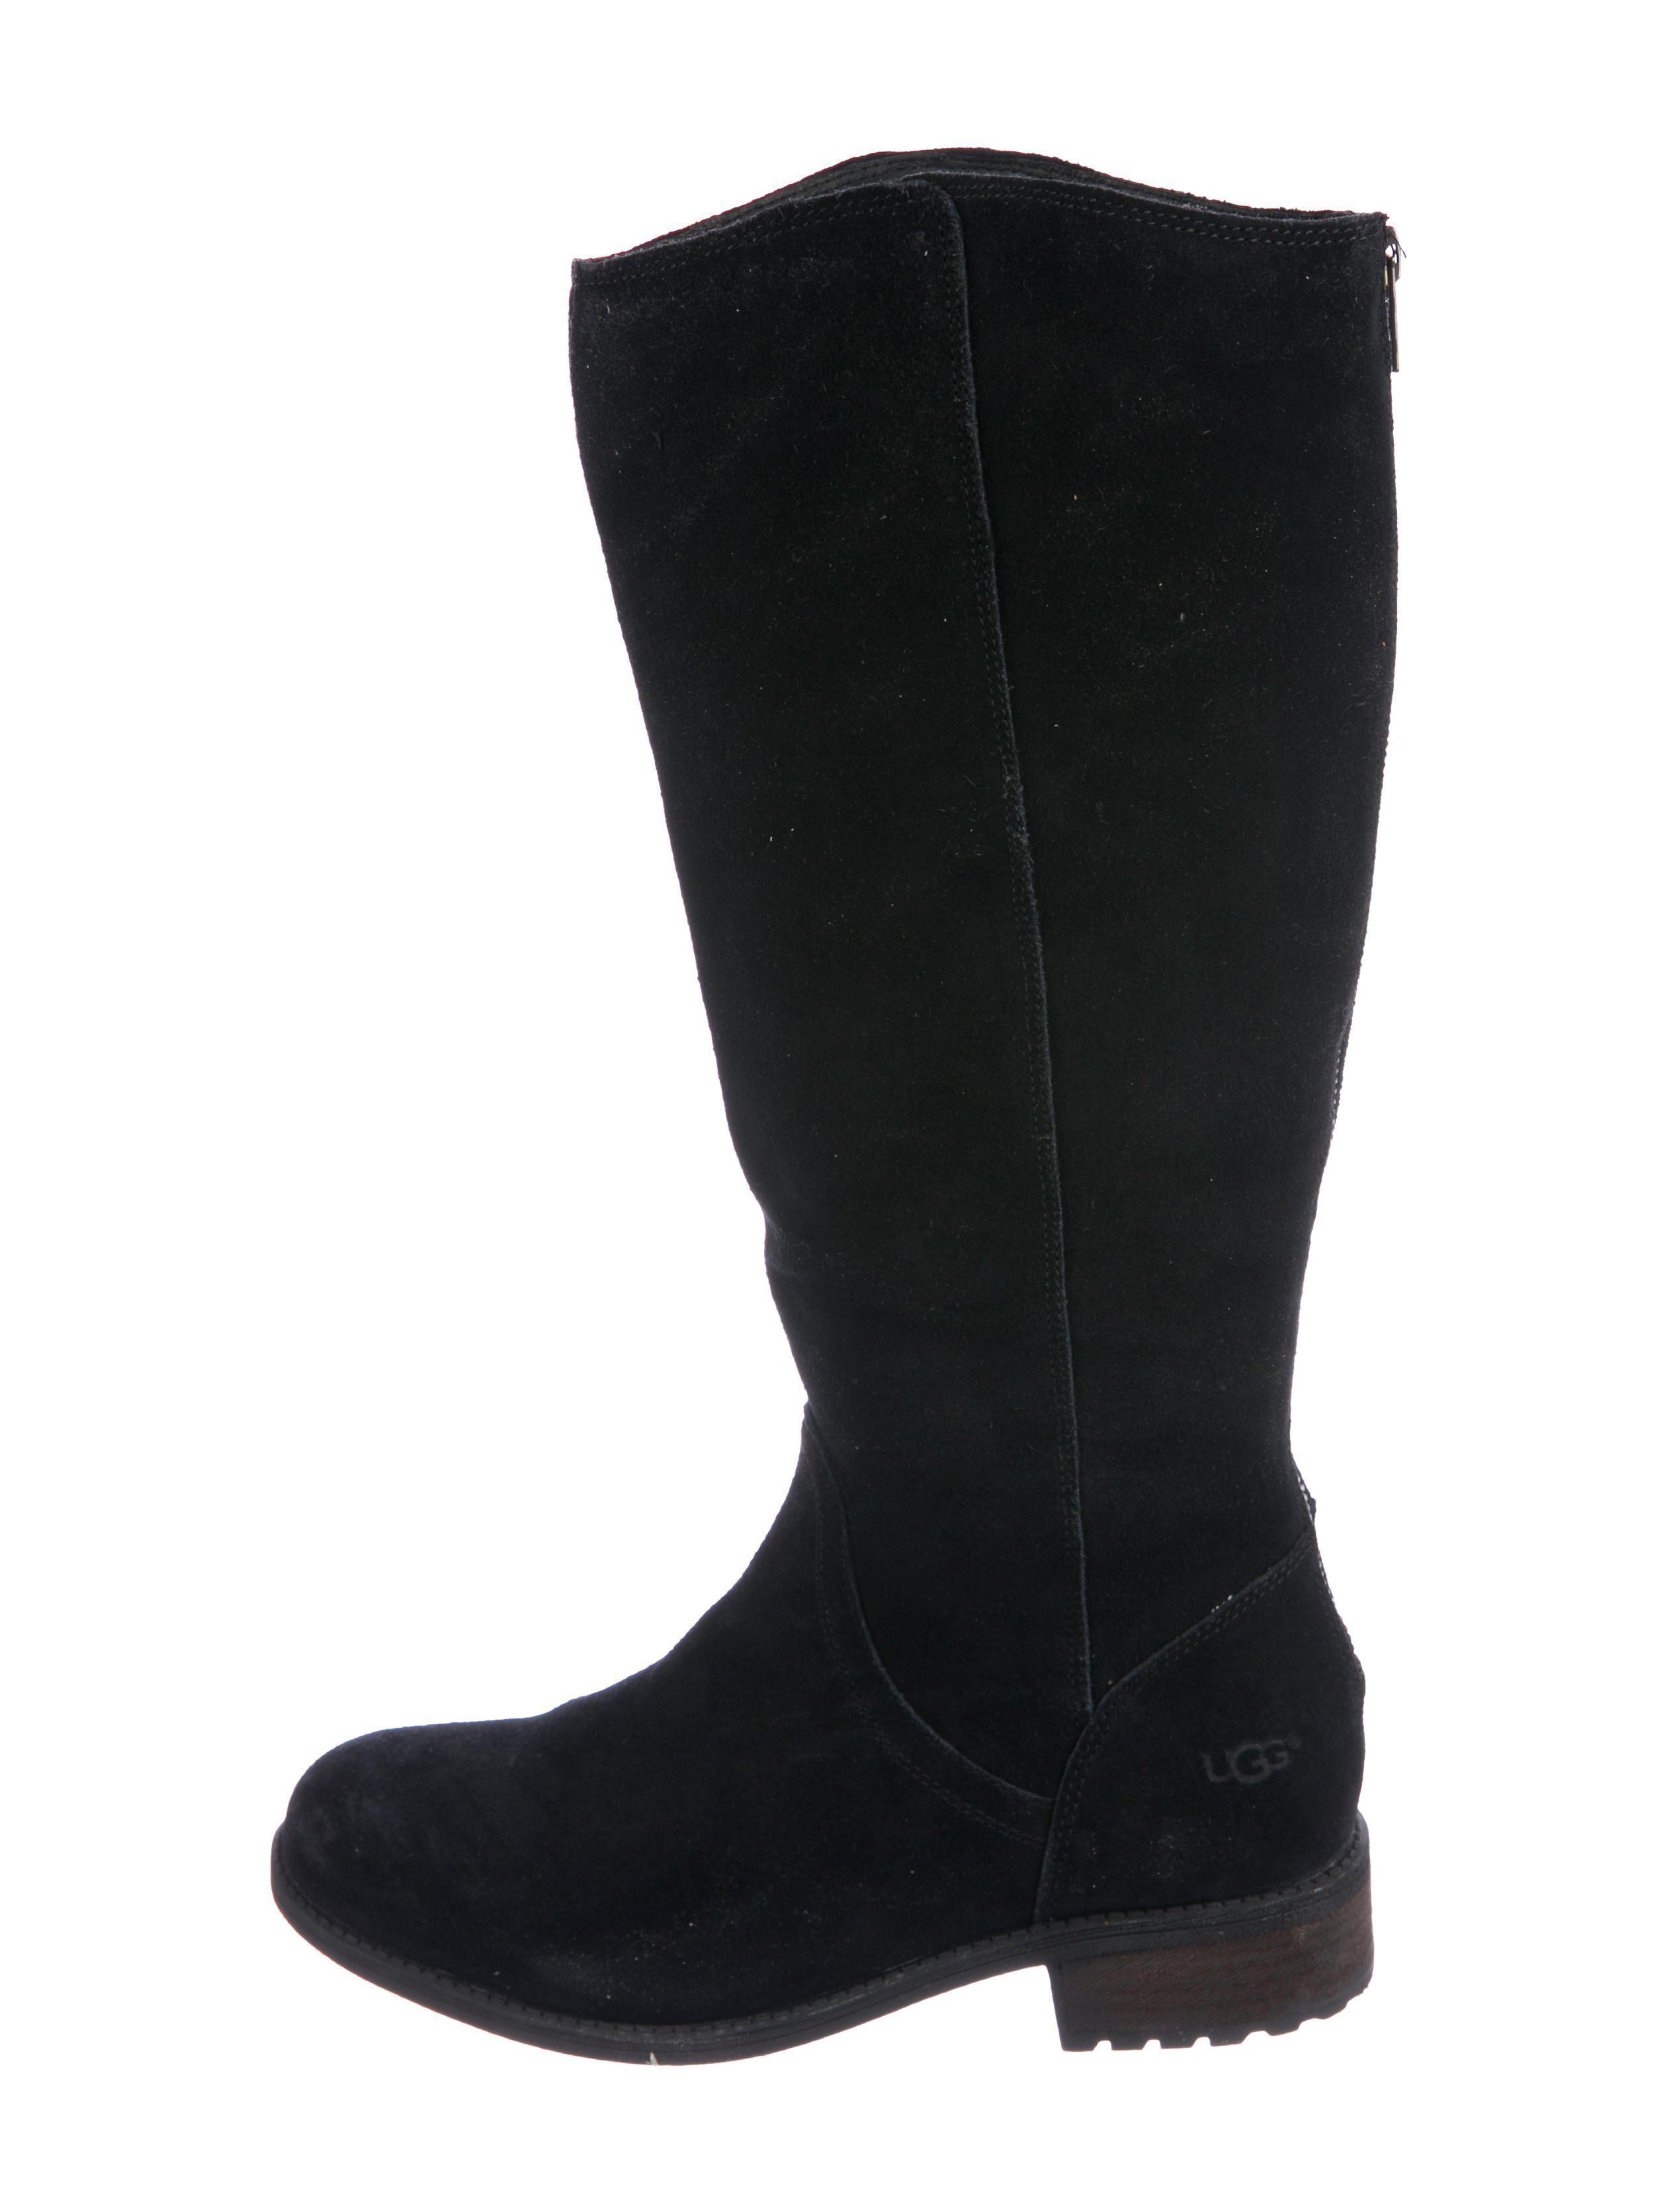 black knee high uggs